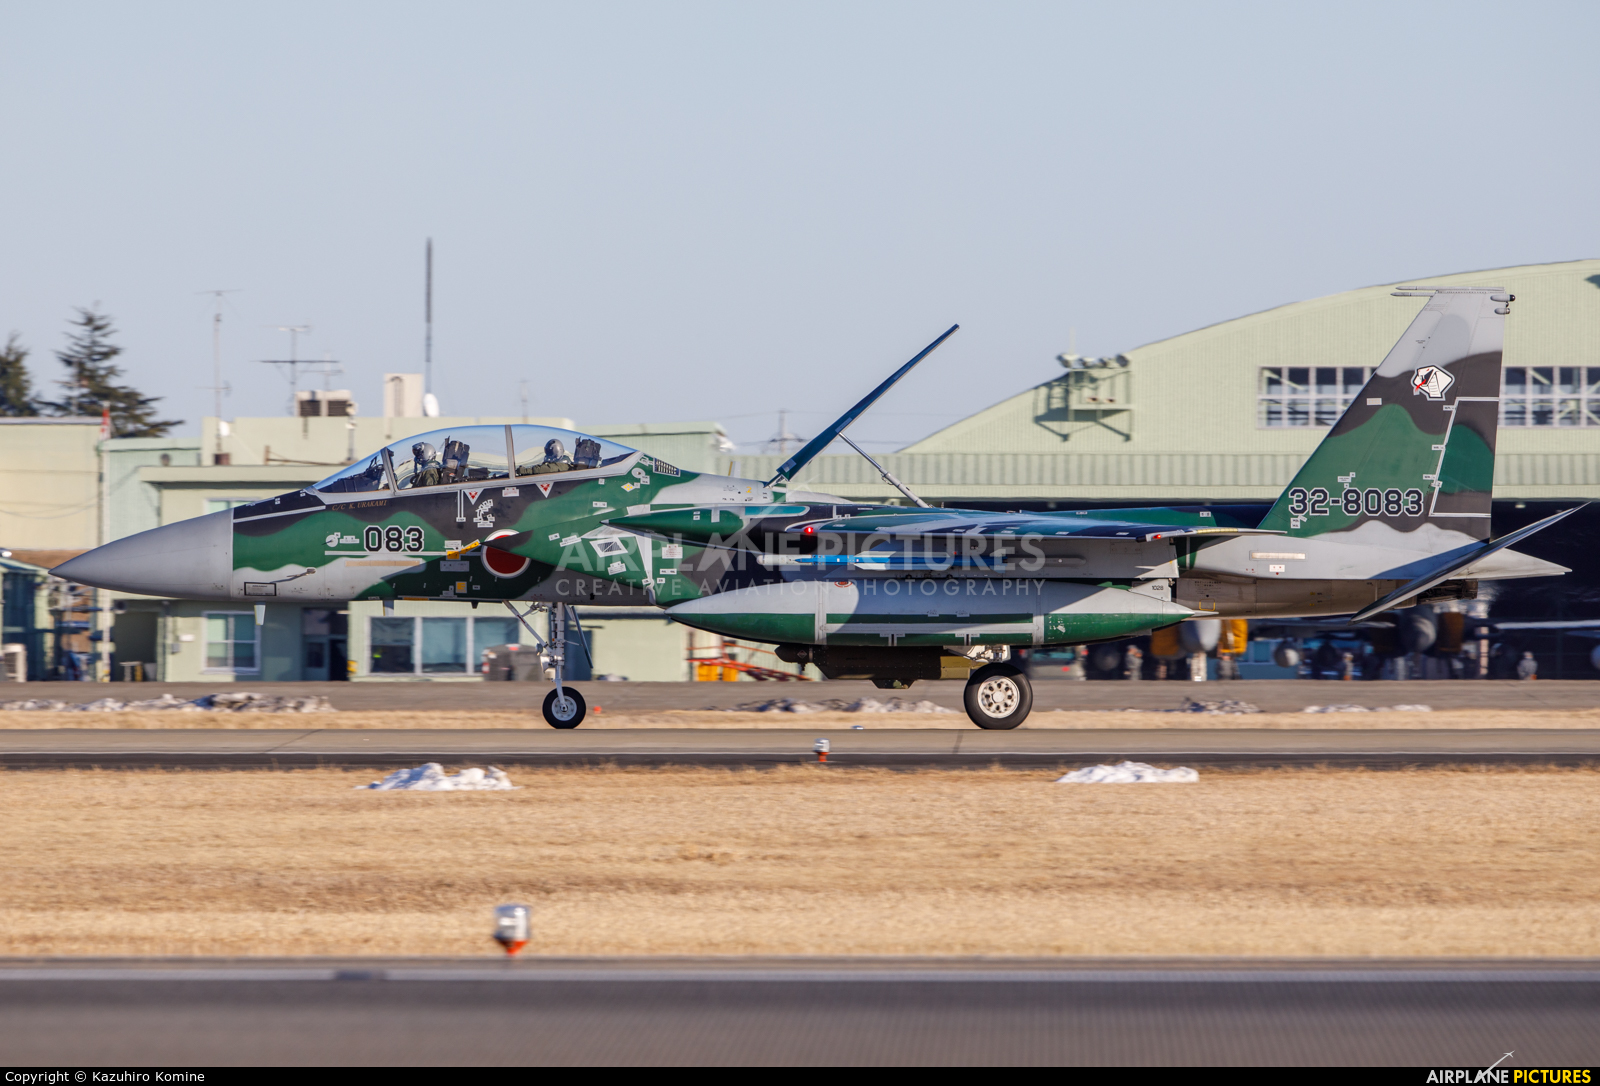 Japan - Air Self Defence Force 32-8083 aircraft at Ibaraki - Hyakuri AB